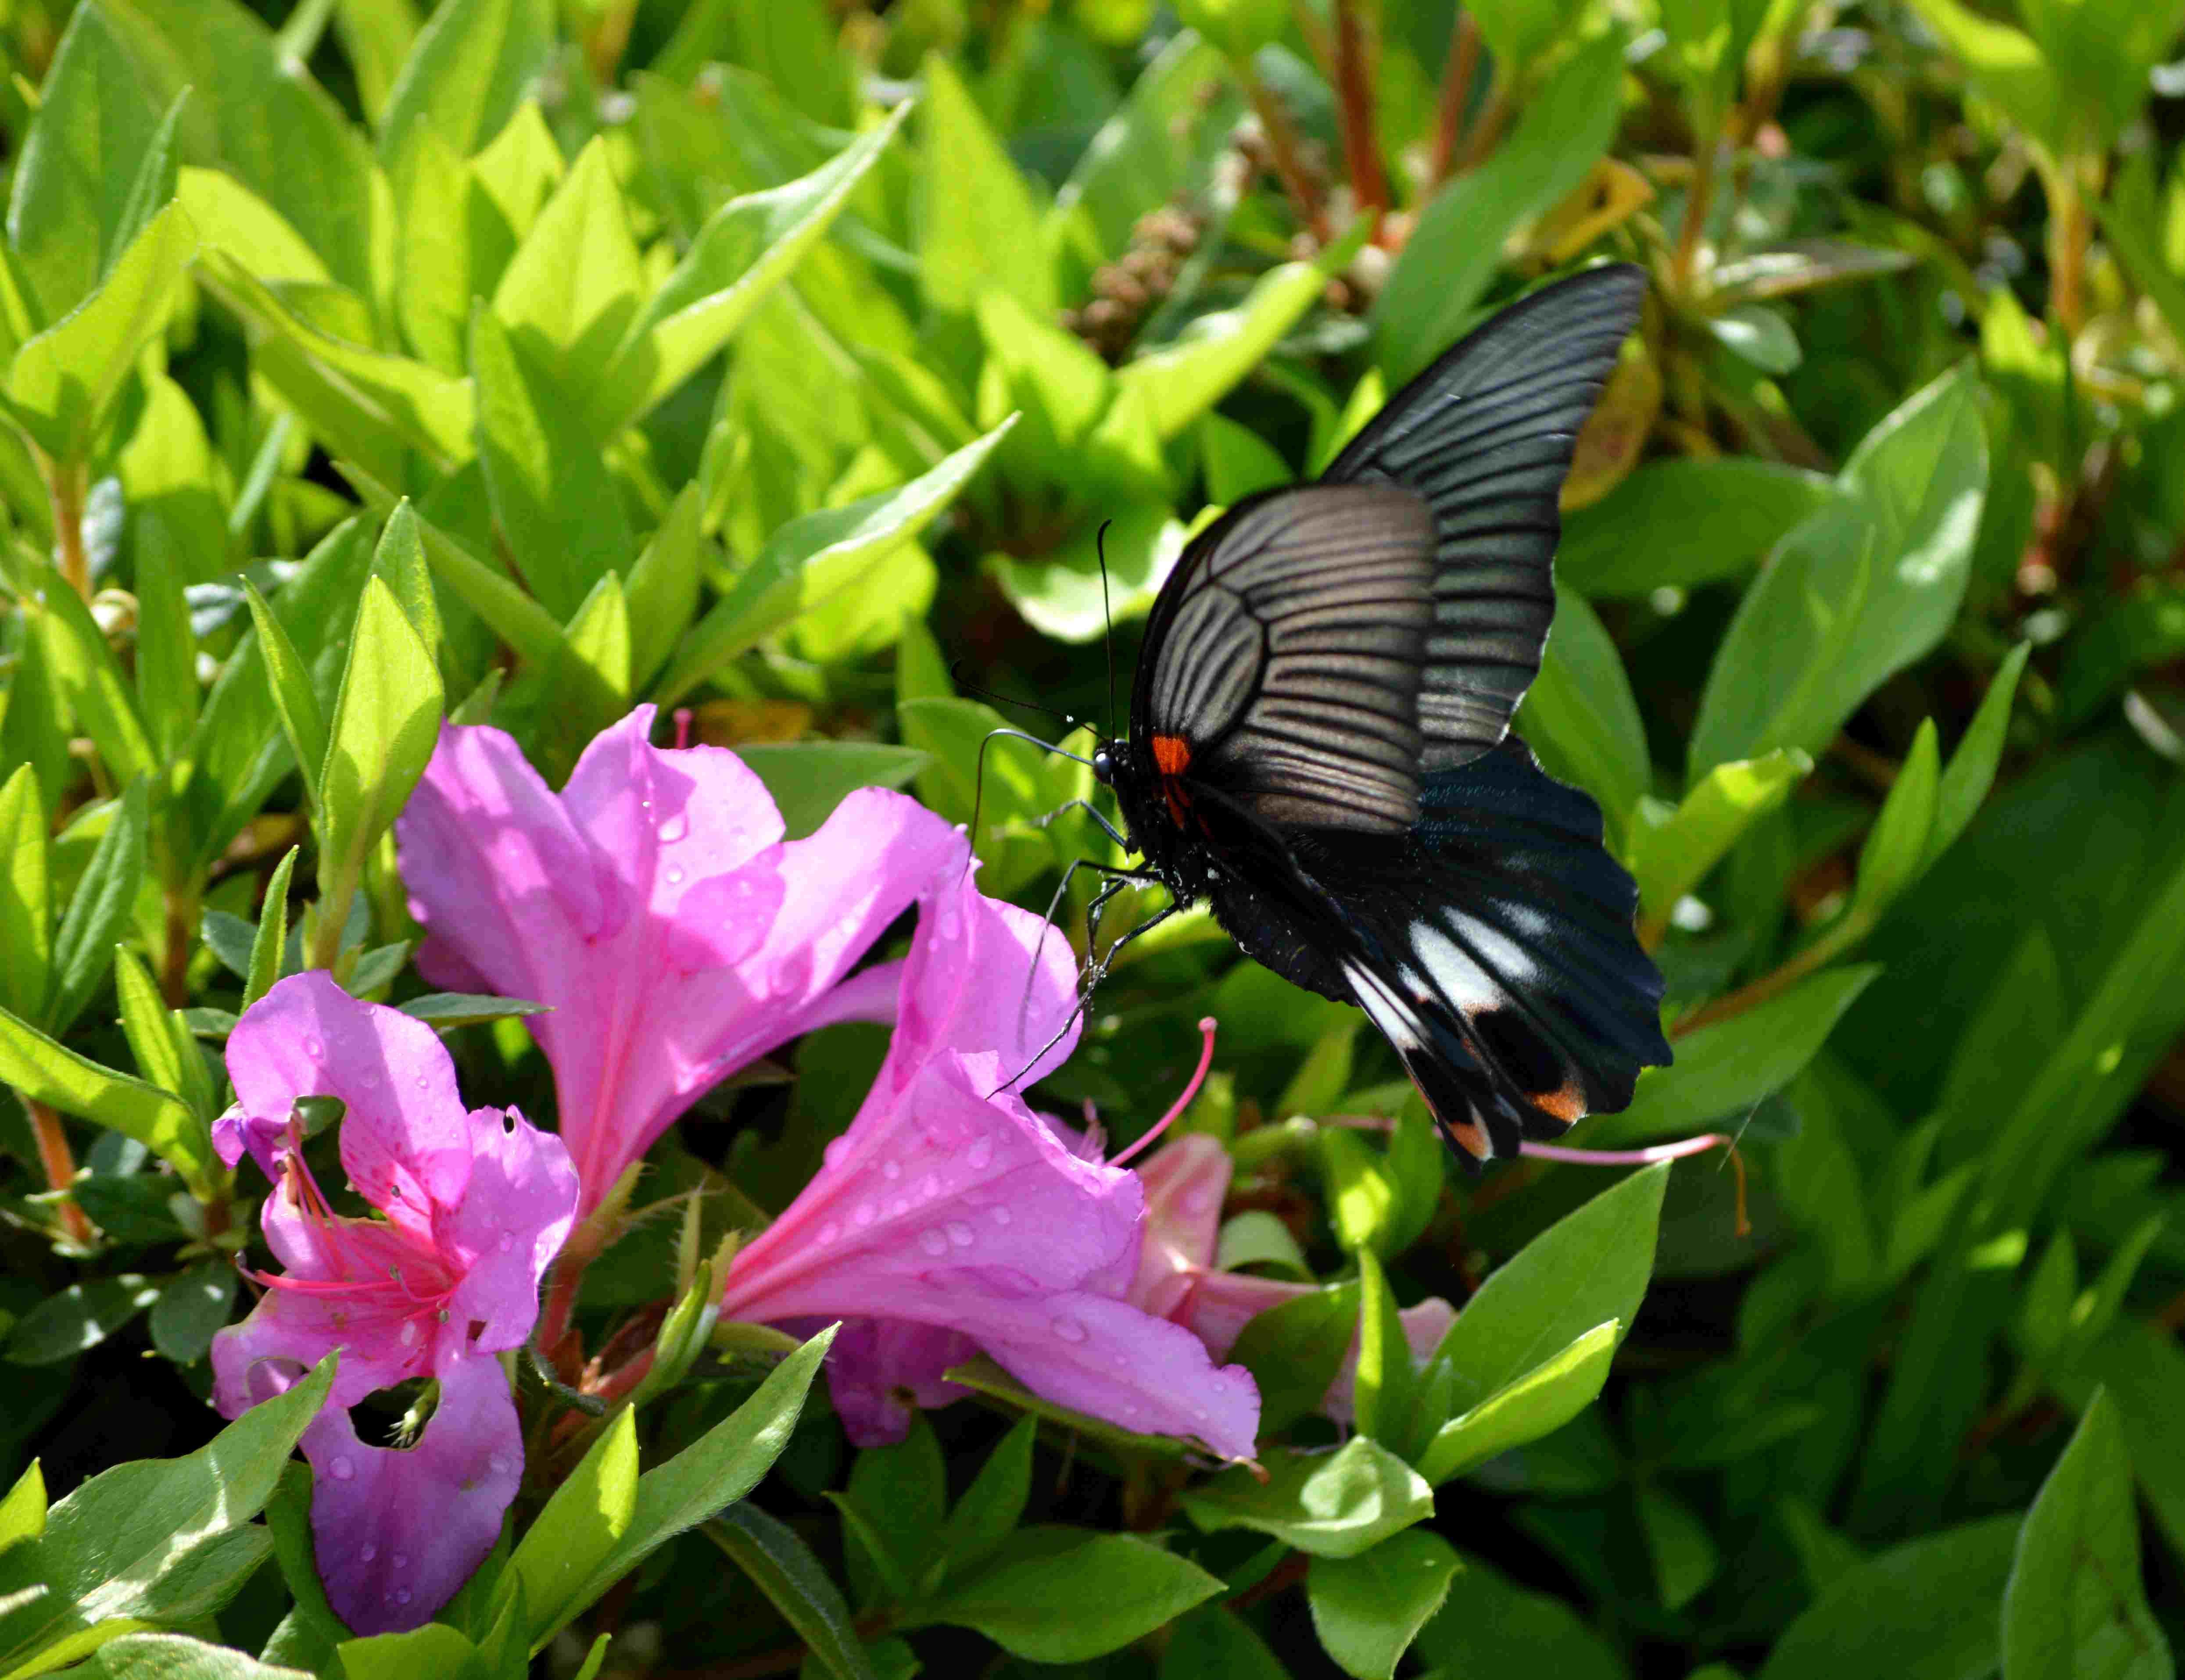 ナガサキアゲハ 5月2日ツツジの咲く公園にて_d0254540_17161118.jpg